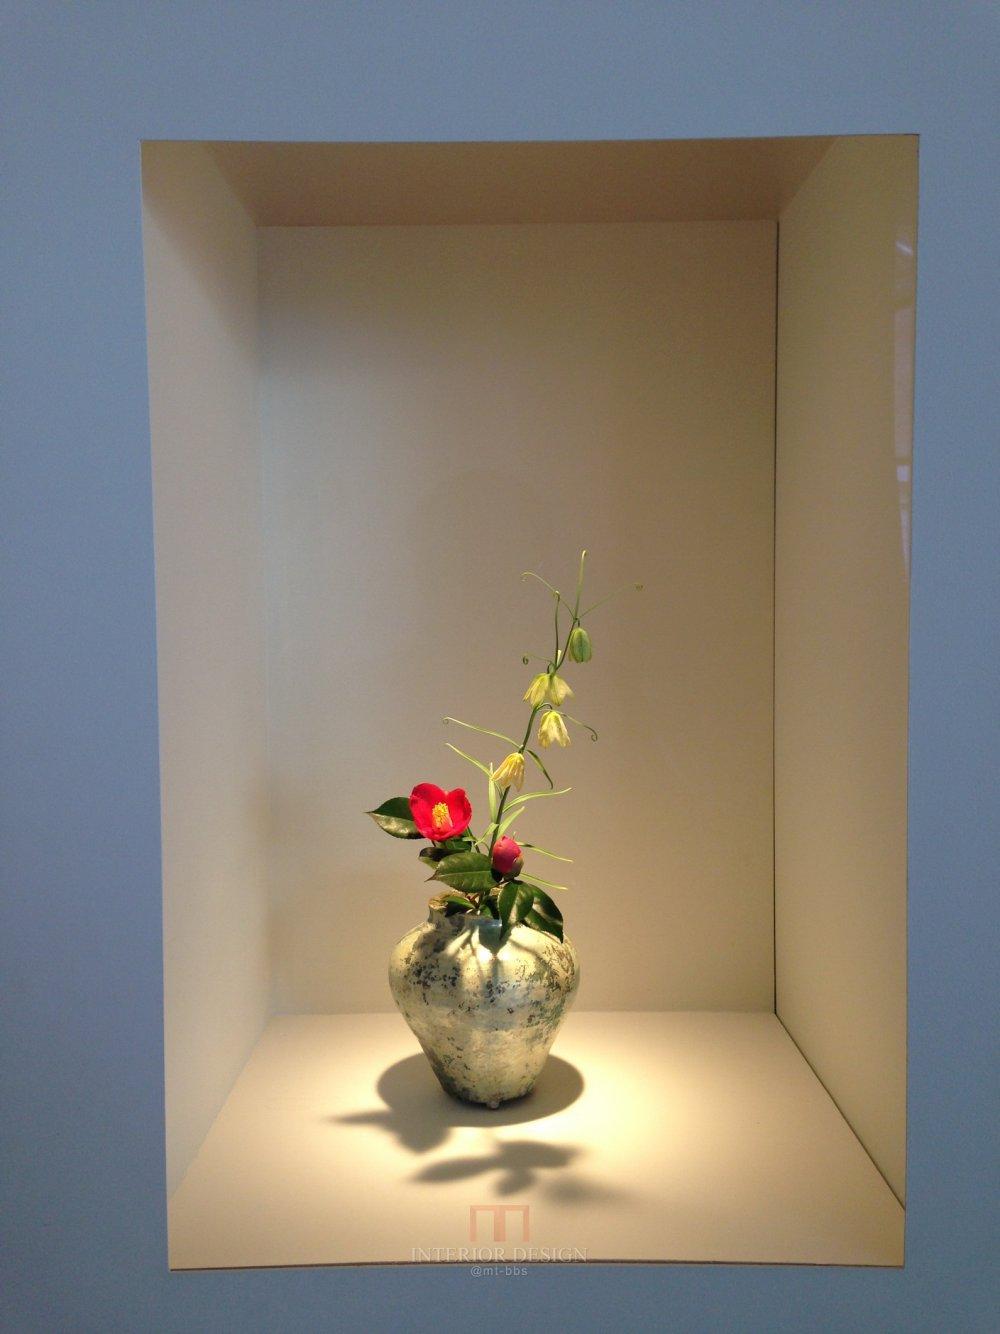 日本美秀美术馆MIHO MUSEUM自拍分享-贝聿铭_IMG_7264.JPG